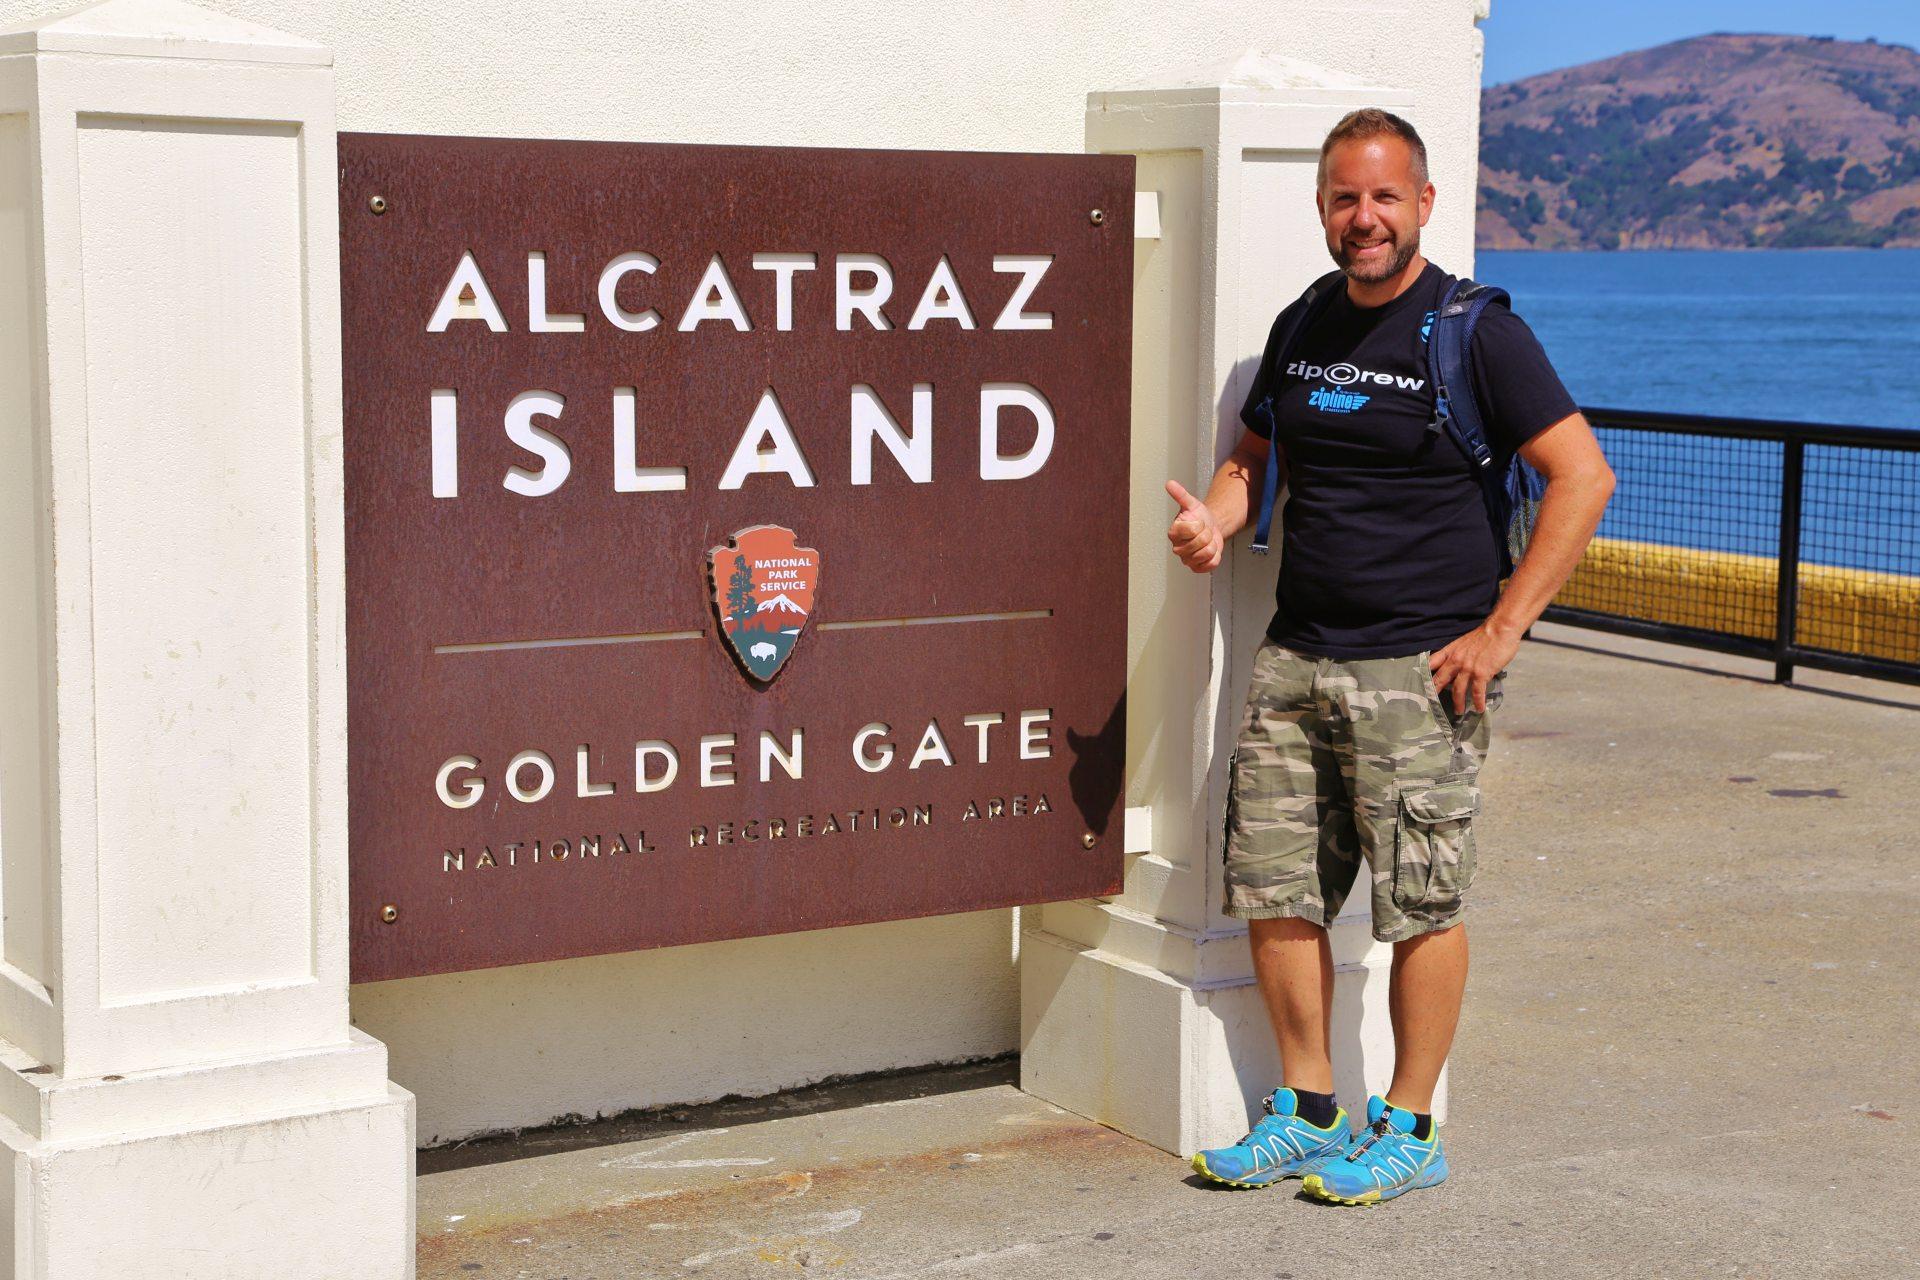 Alcatraz - Freiheit und Beklemmung liegen ganz nah beisammen! - Alcatraz, Bau, Eingangsbereich, Eingangsschild, Gefängnis, Häfen, Haftanstalt, Himmel, Justizvollzugsanstalt, JVA, Kalifornien, malerisch, Personen, Portrait, Porträt, San Francisco, Schild, Strafanstalt, Tafel, traumhaft - WEISSINGER Andreas - (Alcatraz, San Francisco, California, Vereinigte Staaten)